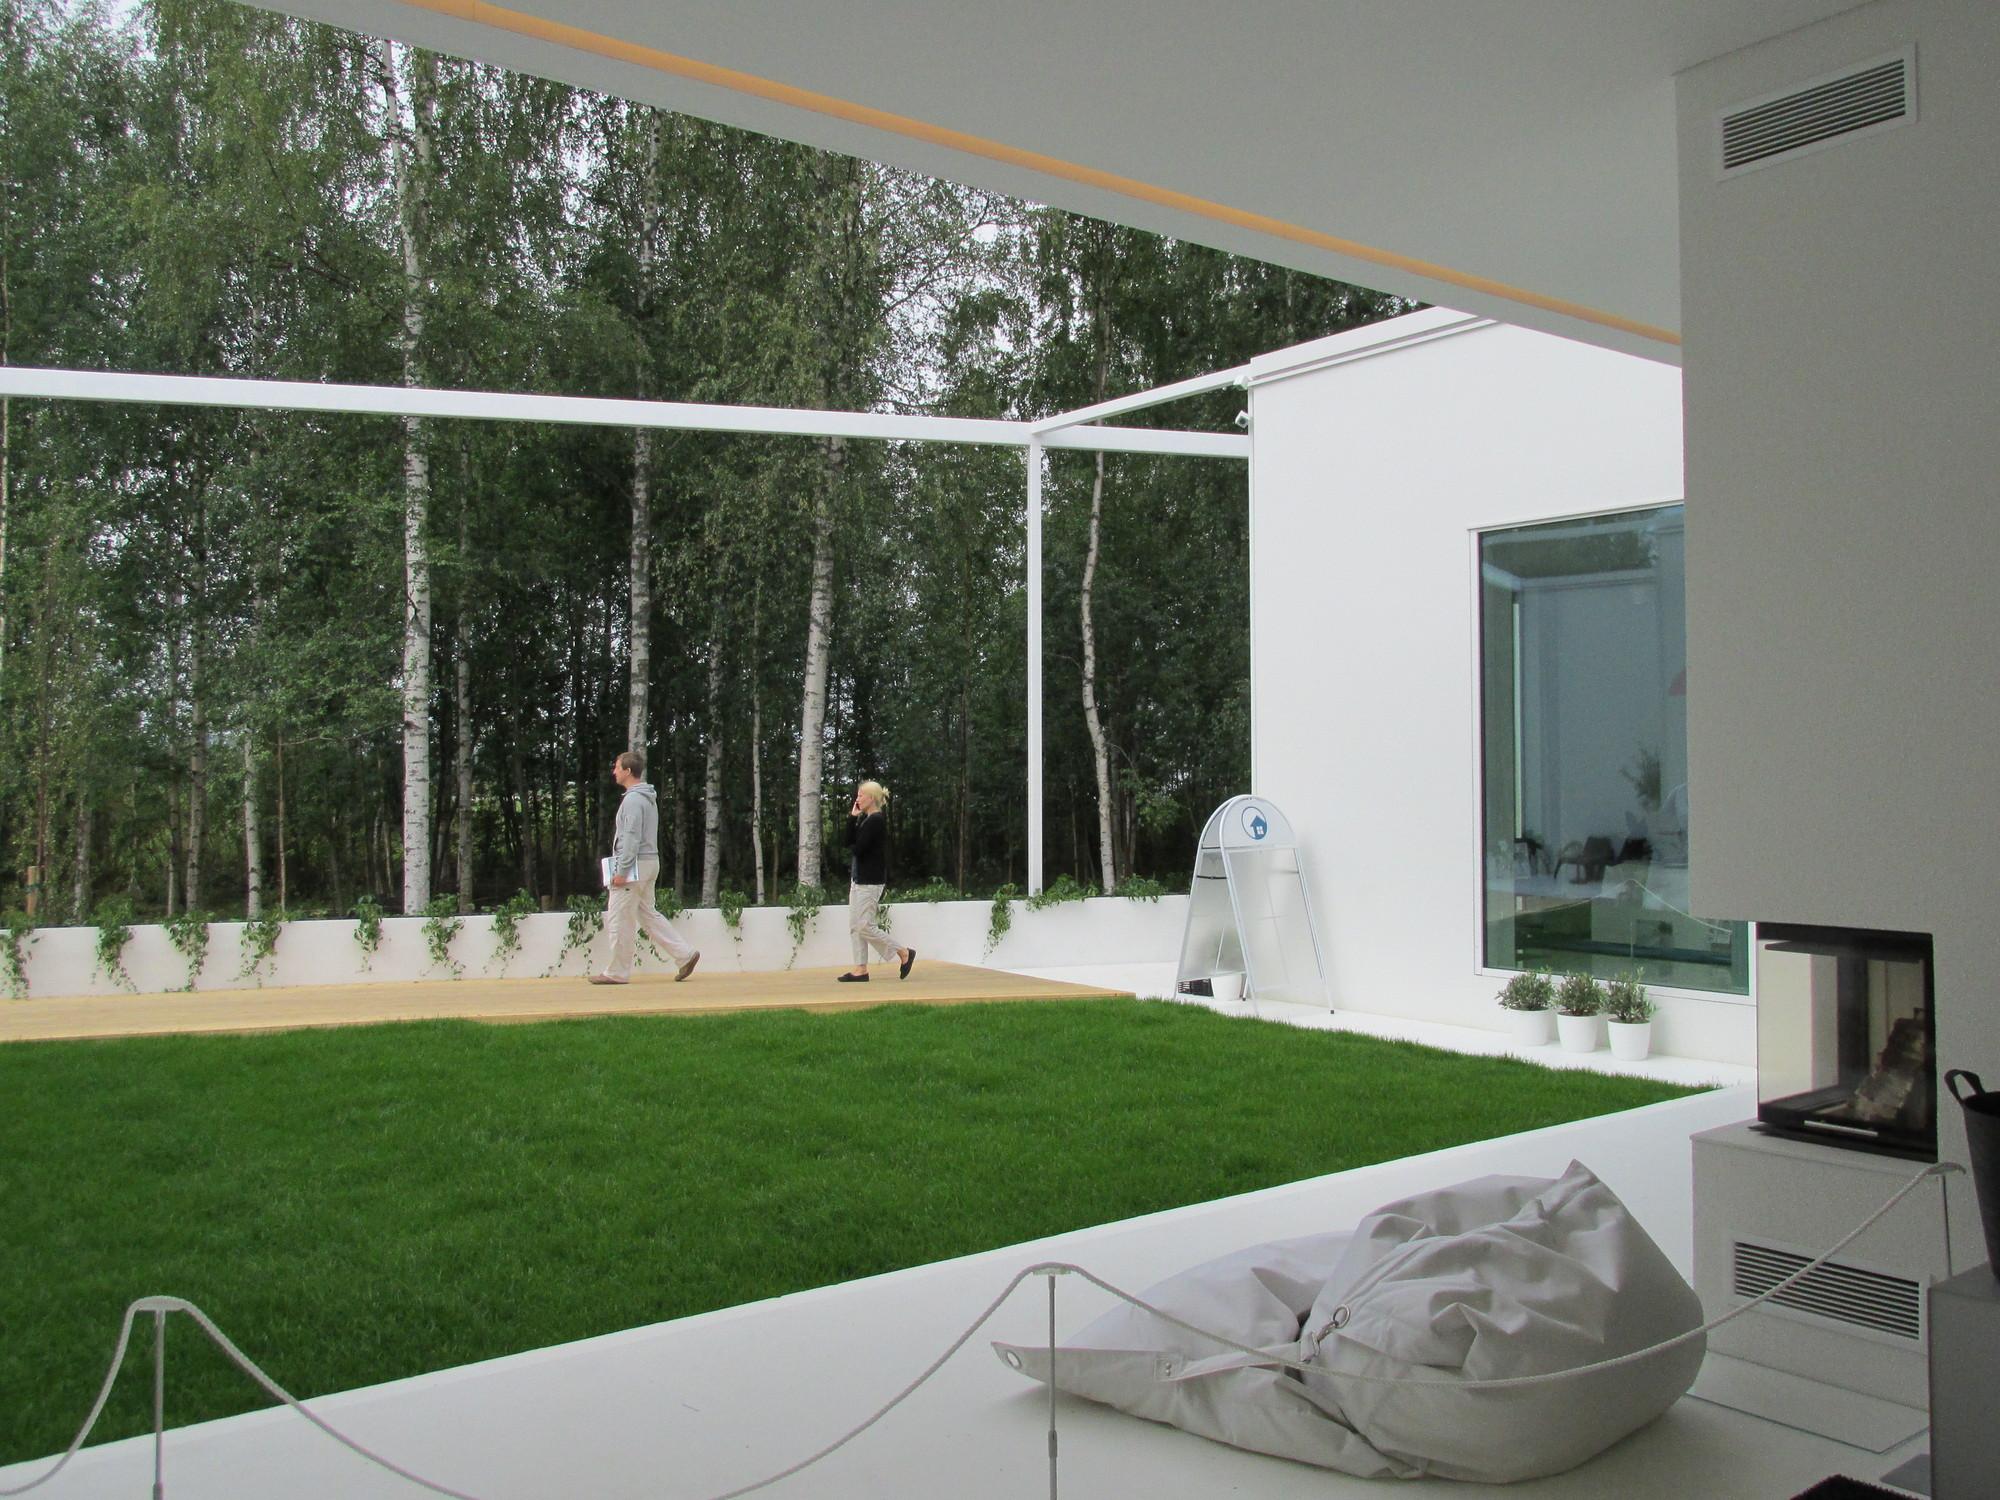 Casa 35. Image © Karina Nogales